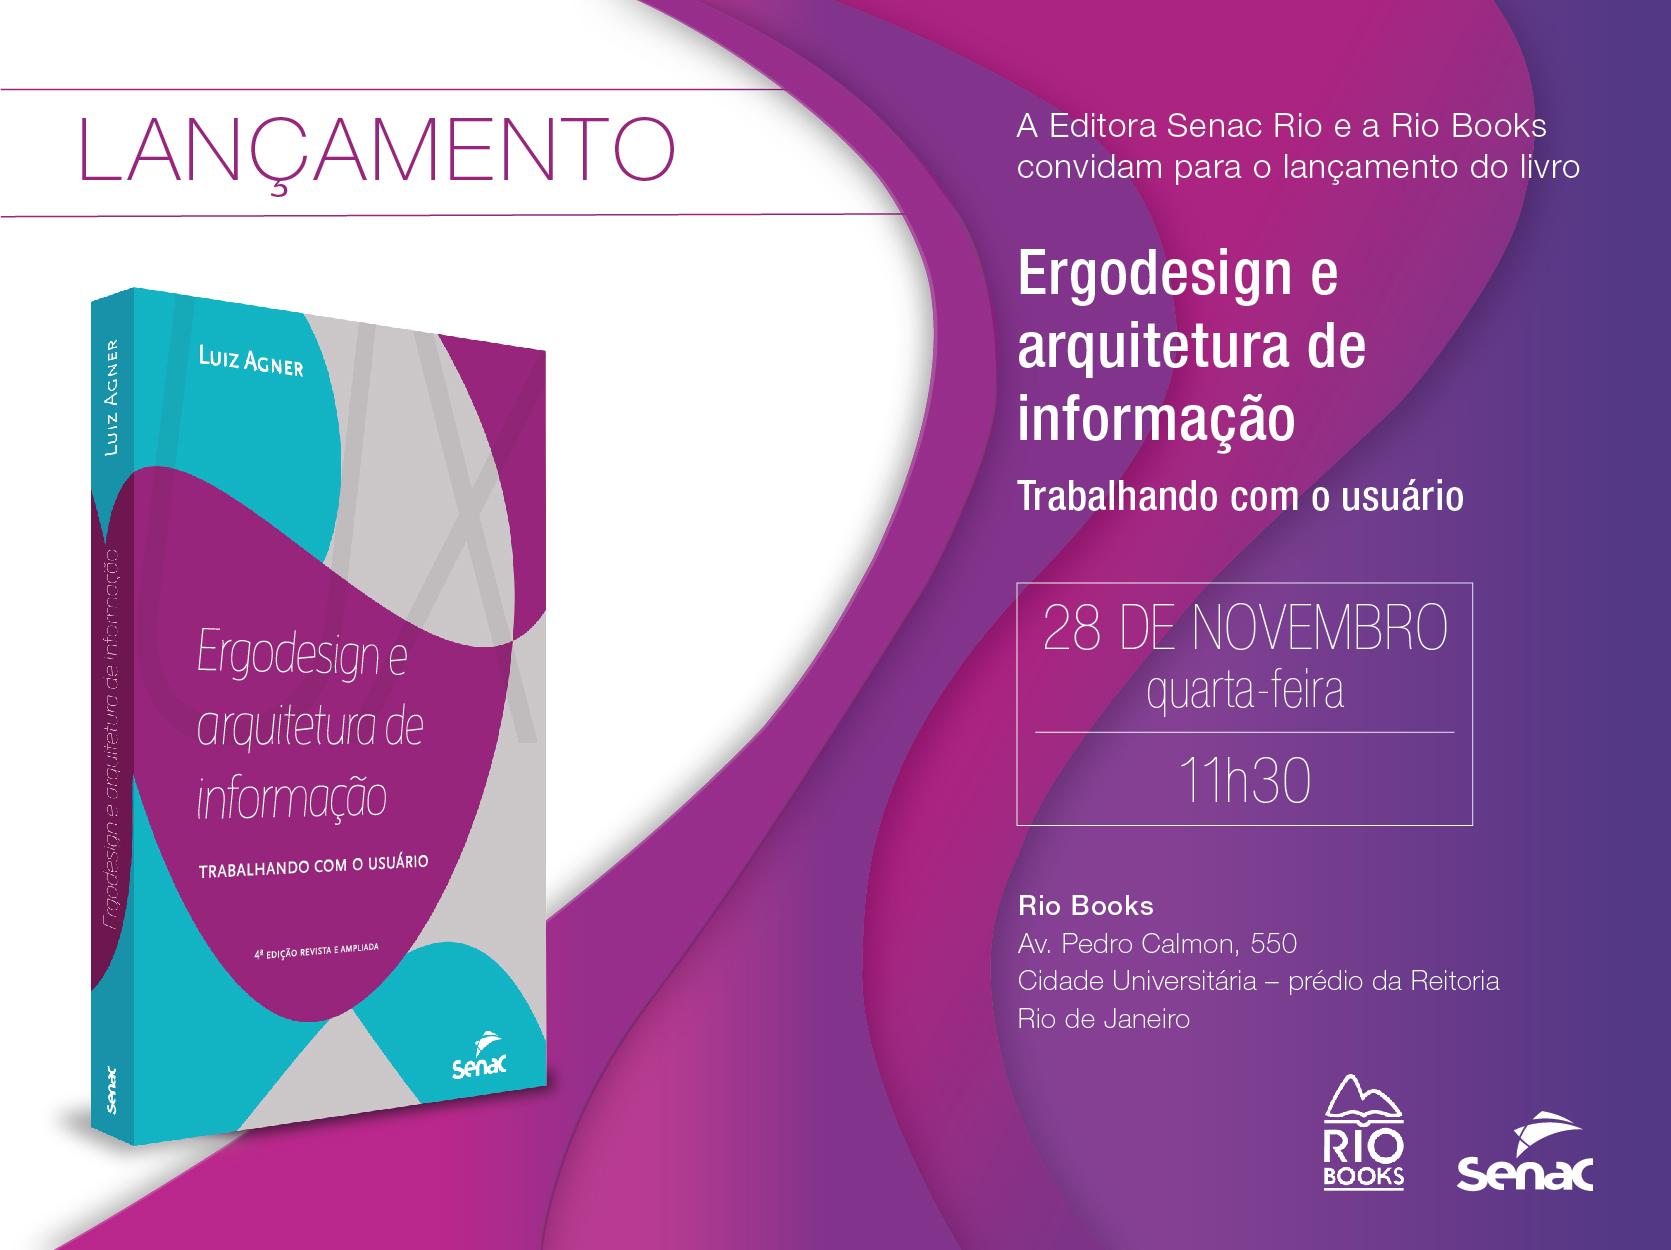 Convite para lançamento do livro Ergodesign e Arquitetura de Informação - Ed. Senac, 2018. Luiz Agner